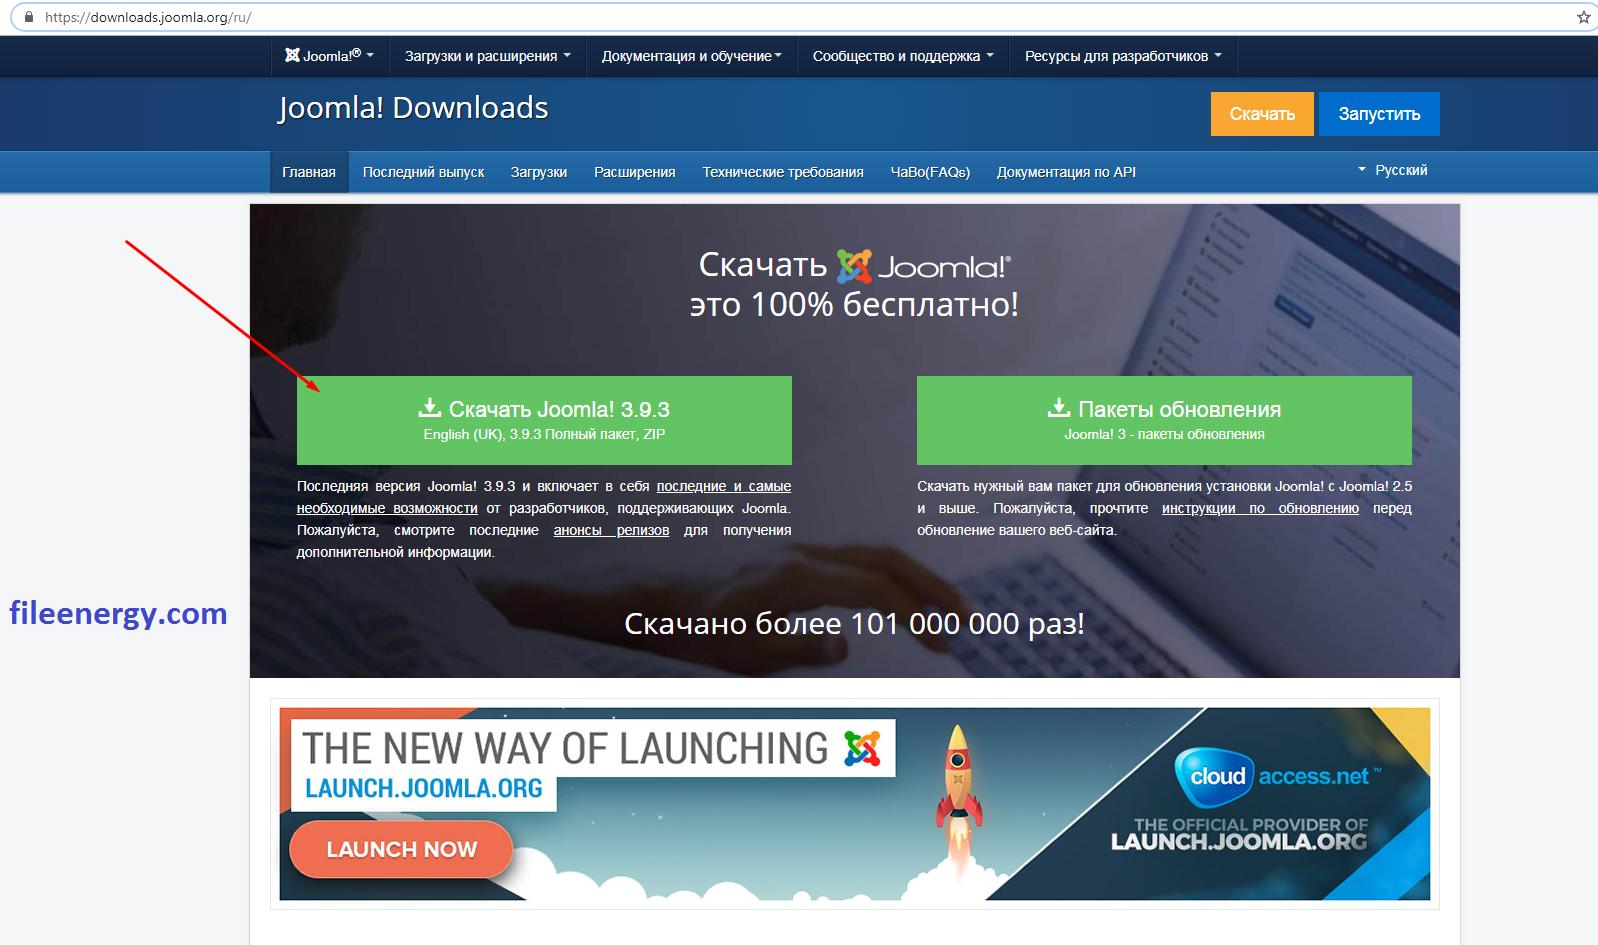 Программа создание сайтов joomla создания сайта для взрослых